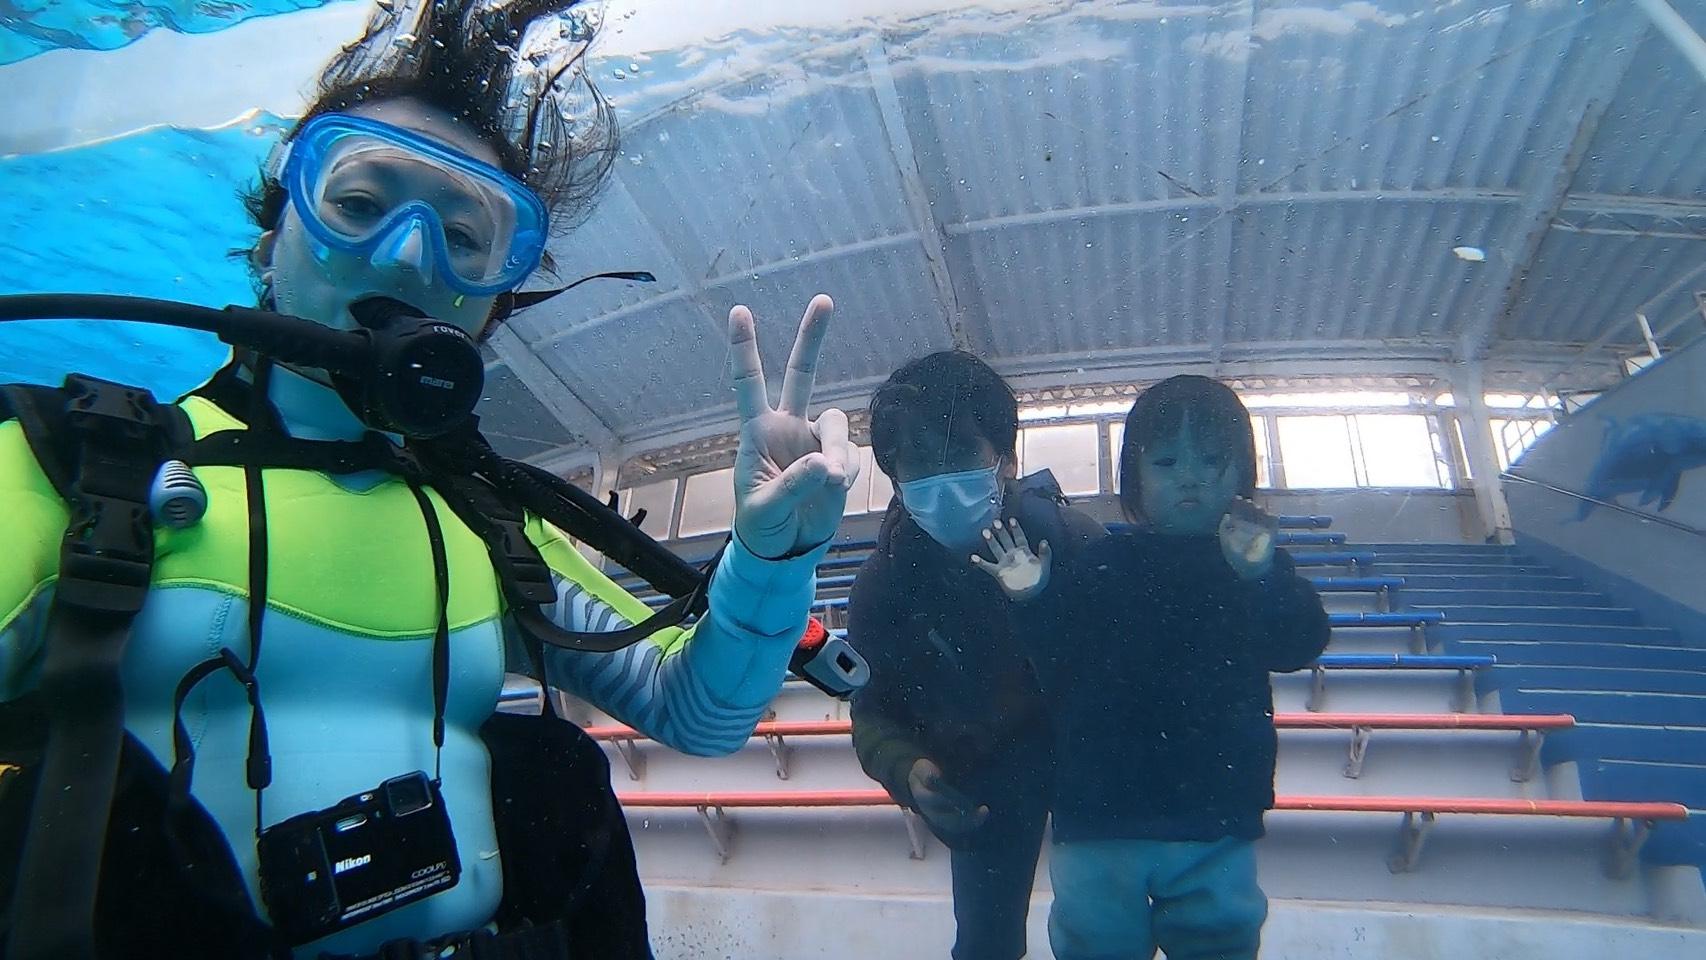 ドルフィンダイビング再開!@下田海中水族館